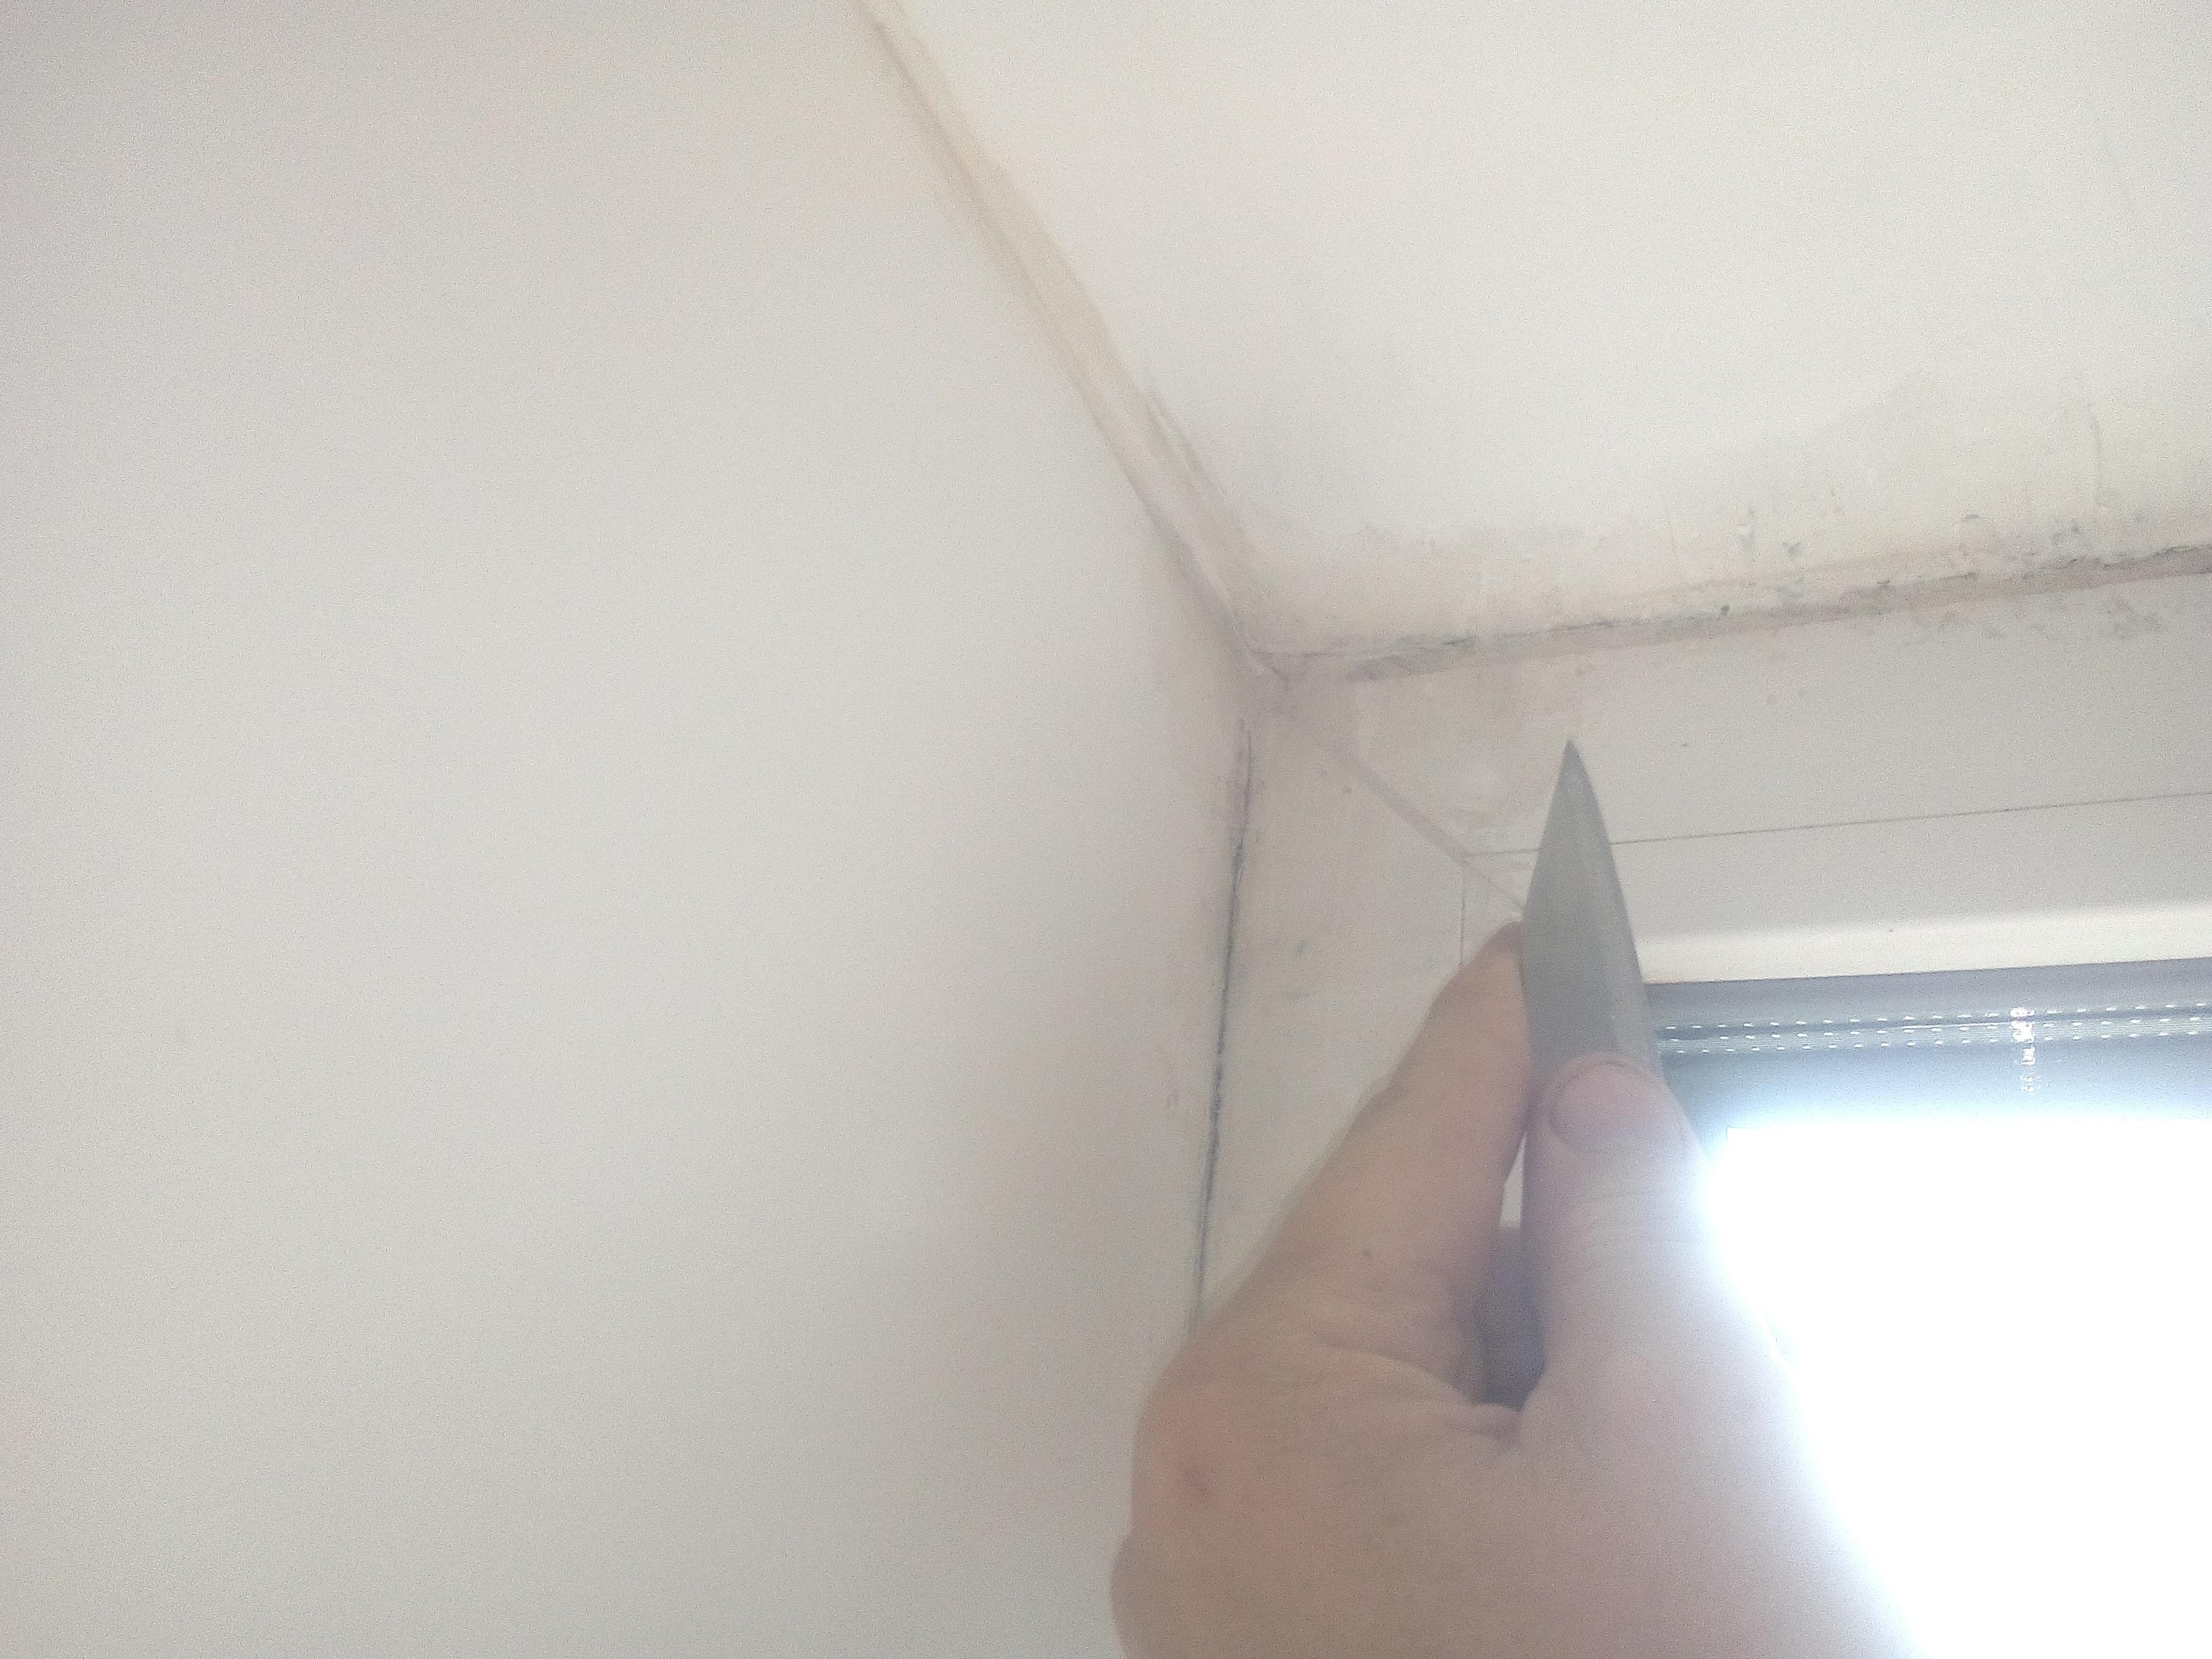 Кака-отмыть-окна-после-ремонта-в-квартире-очистка-острым-ножом.jpg